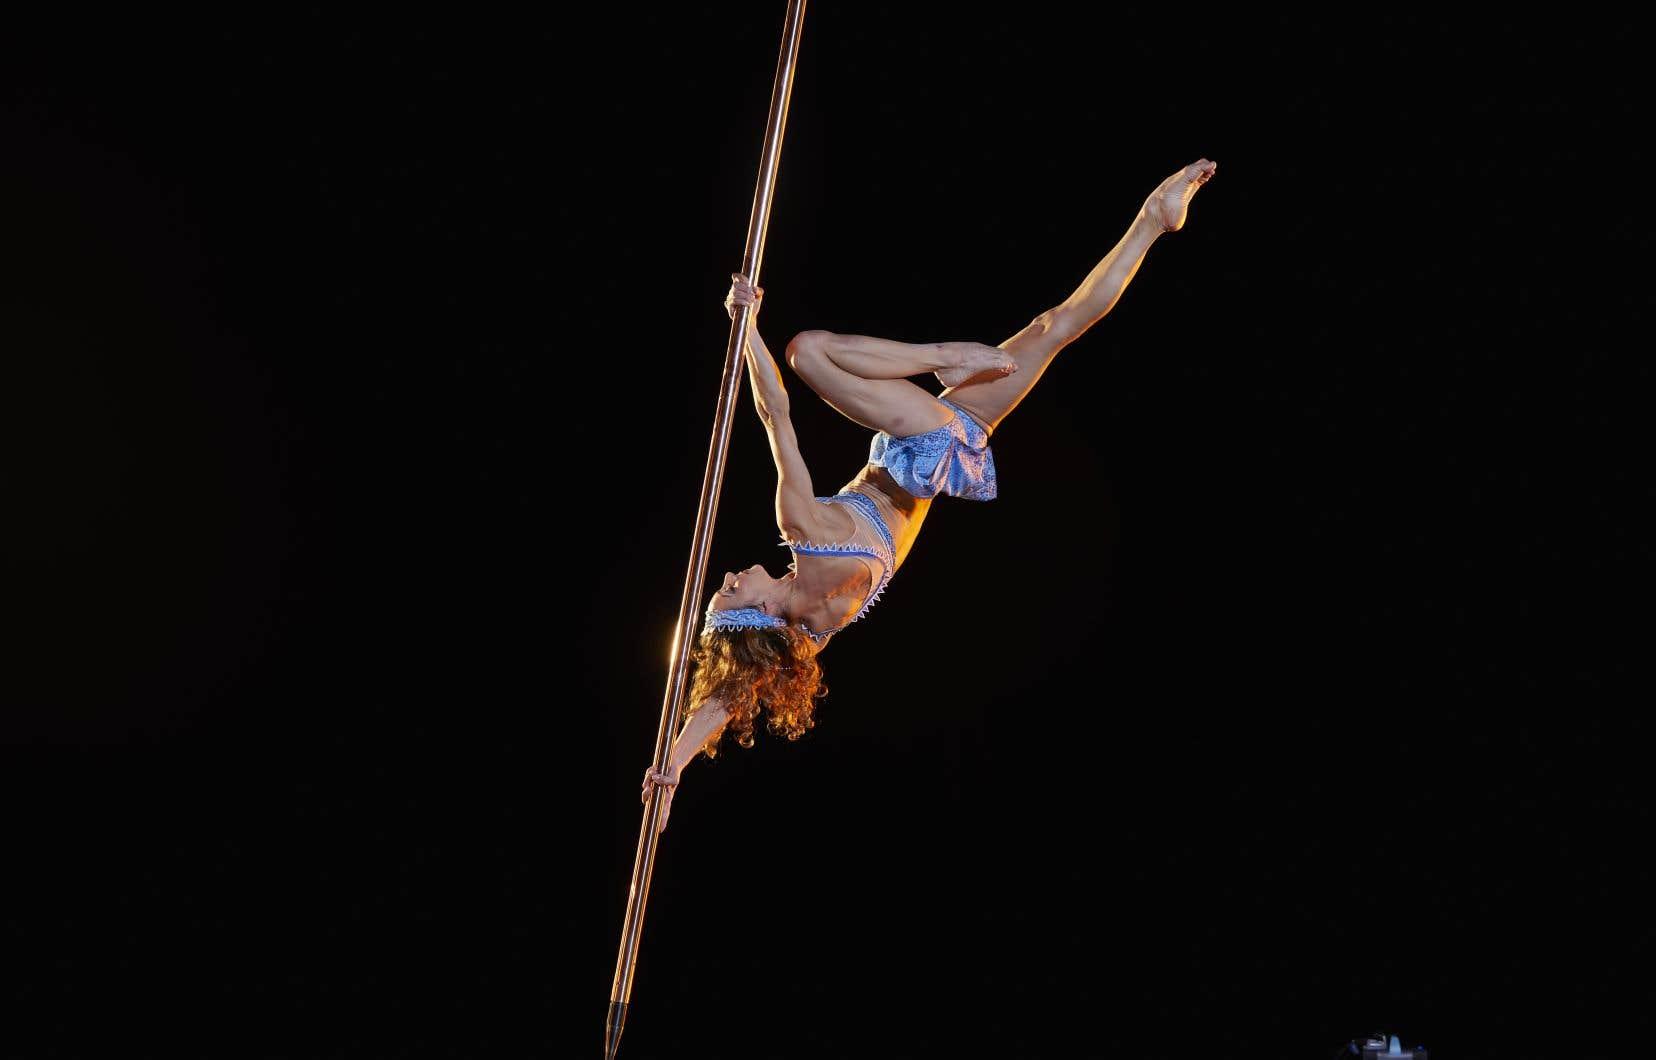 Les propriétaires actuels du Cirque proposent d'injecter 300millions, notamment grâce au prêt de 200millions offert par Investissement Québec.